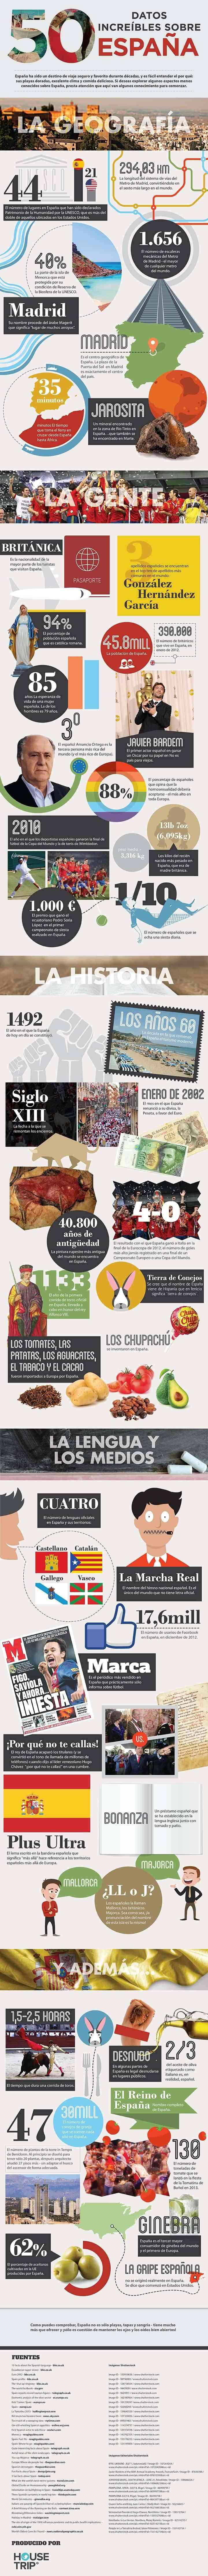 Infografía: 50 datos increíbles sobre España